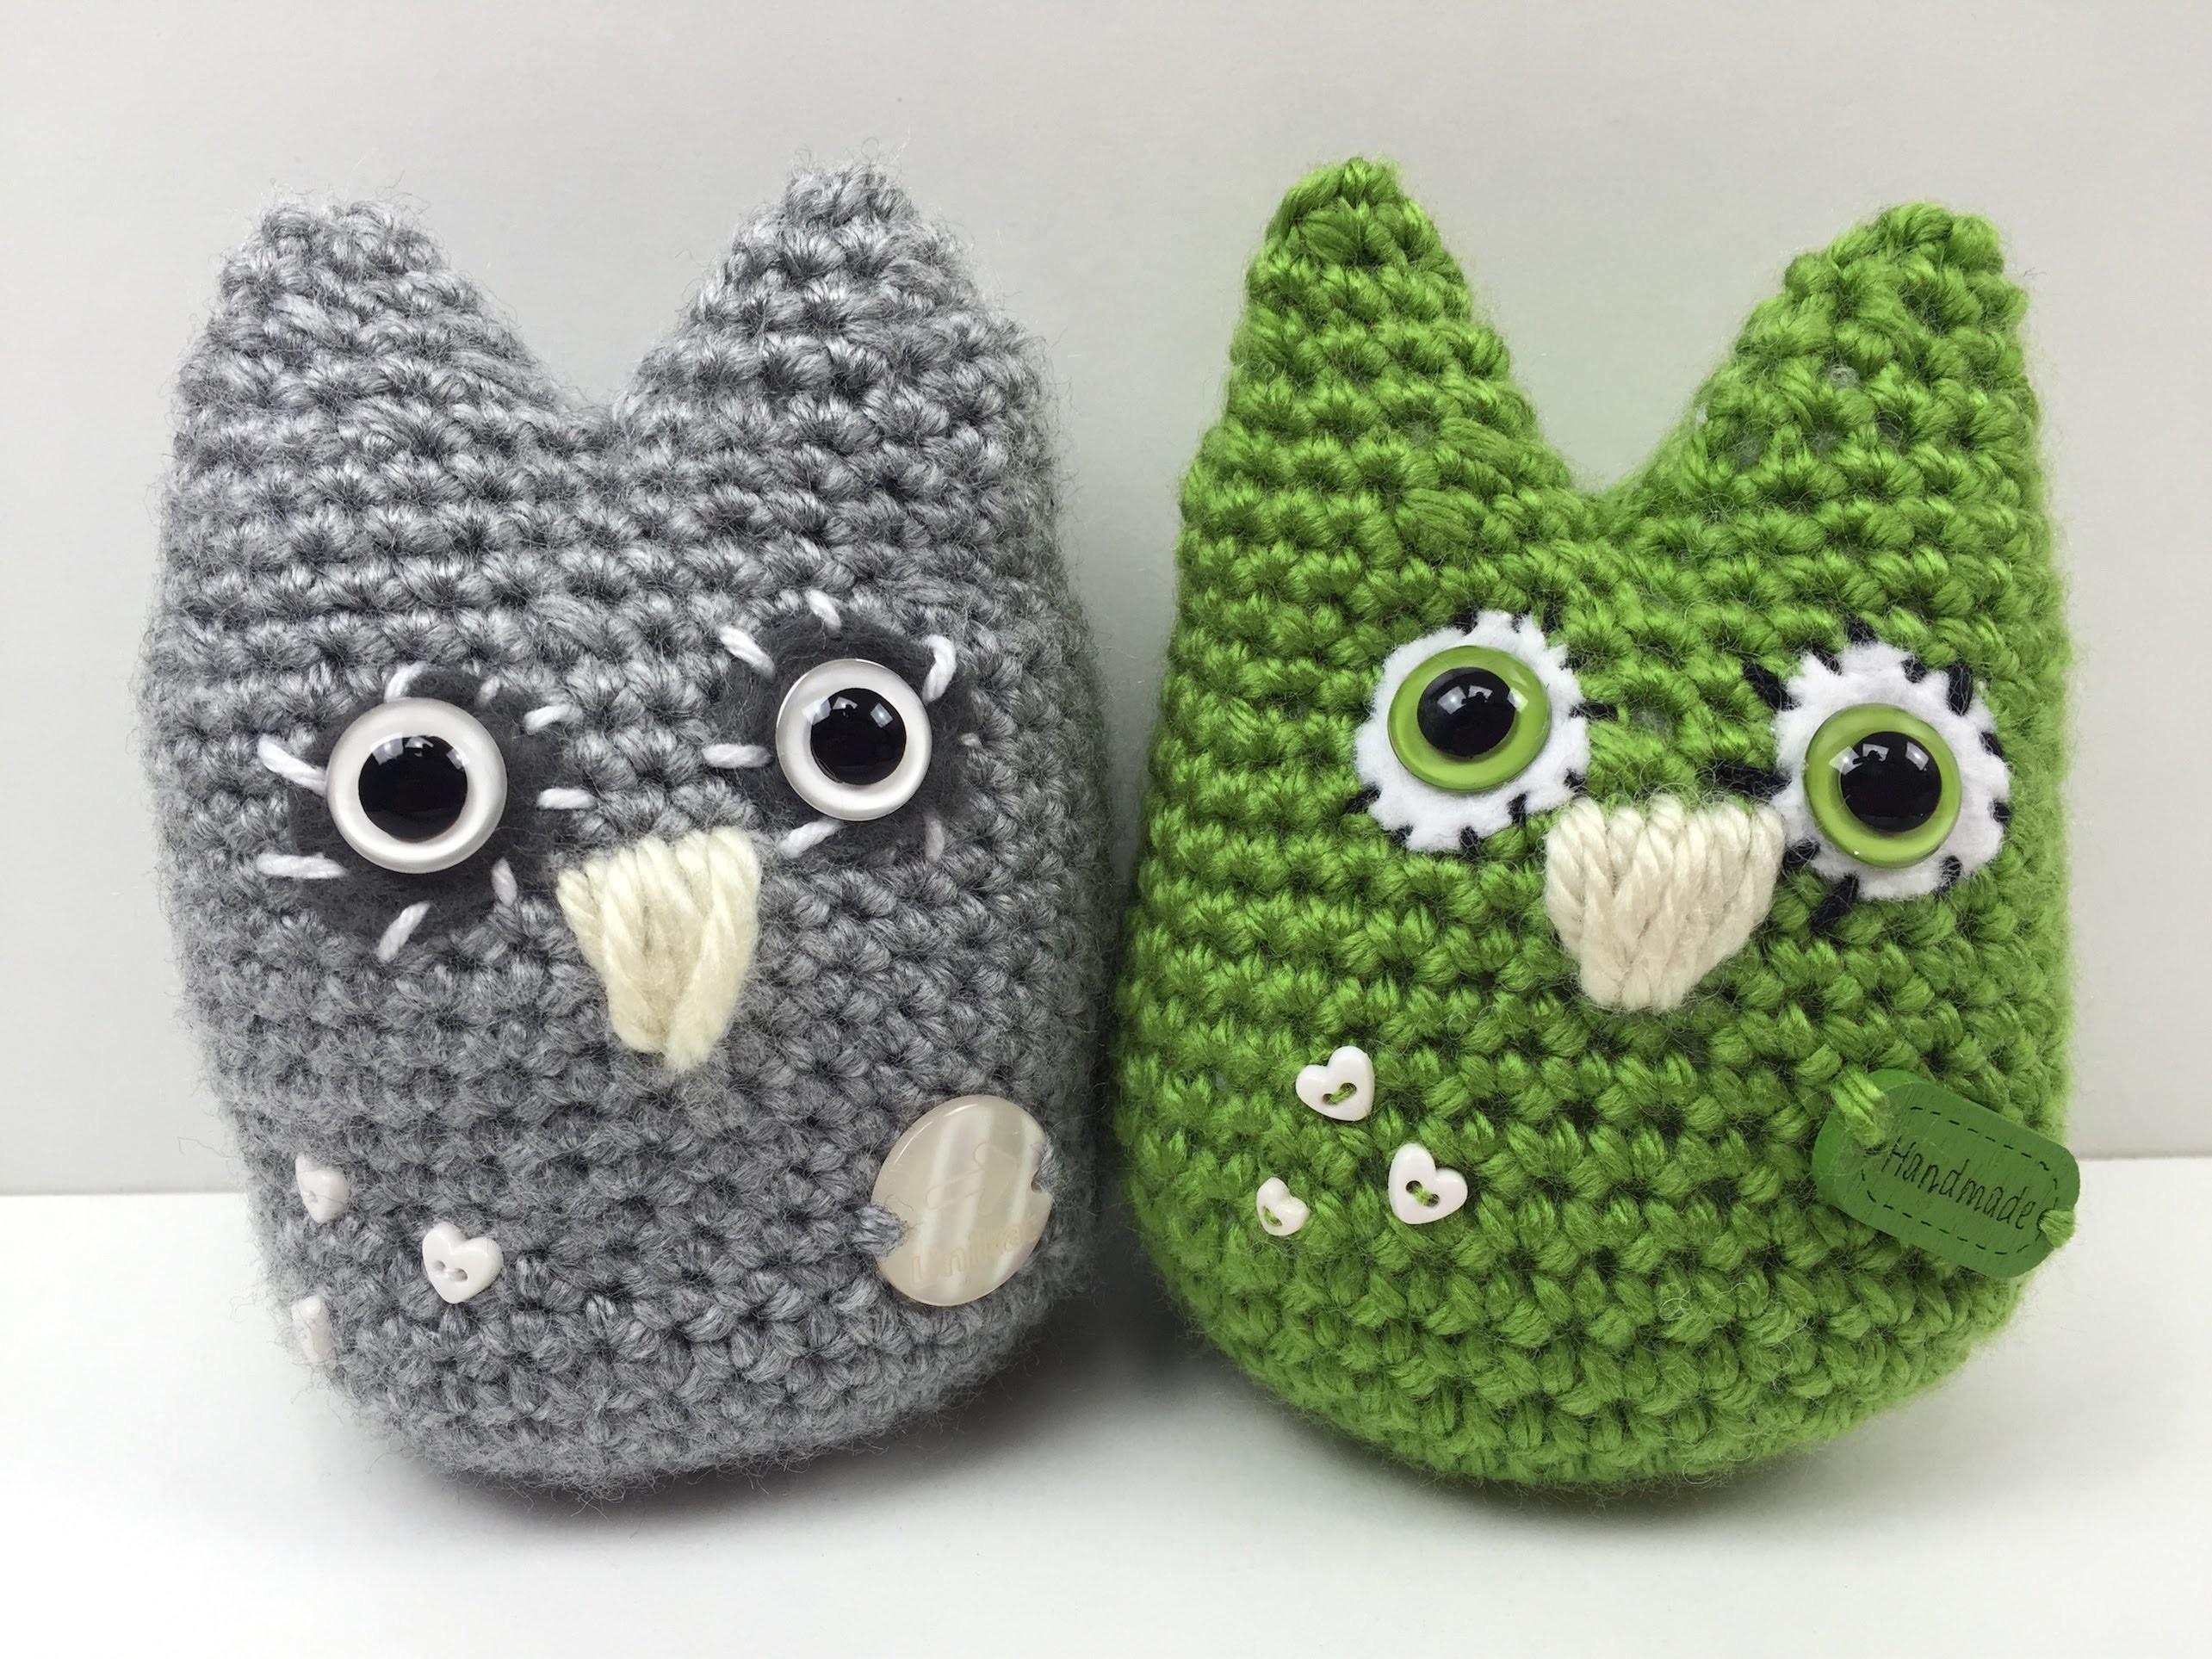 Eule häkeln: schmU-HUsiger UHU - how to crochet an owl